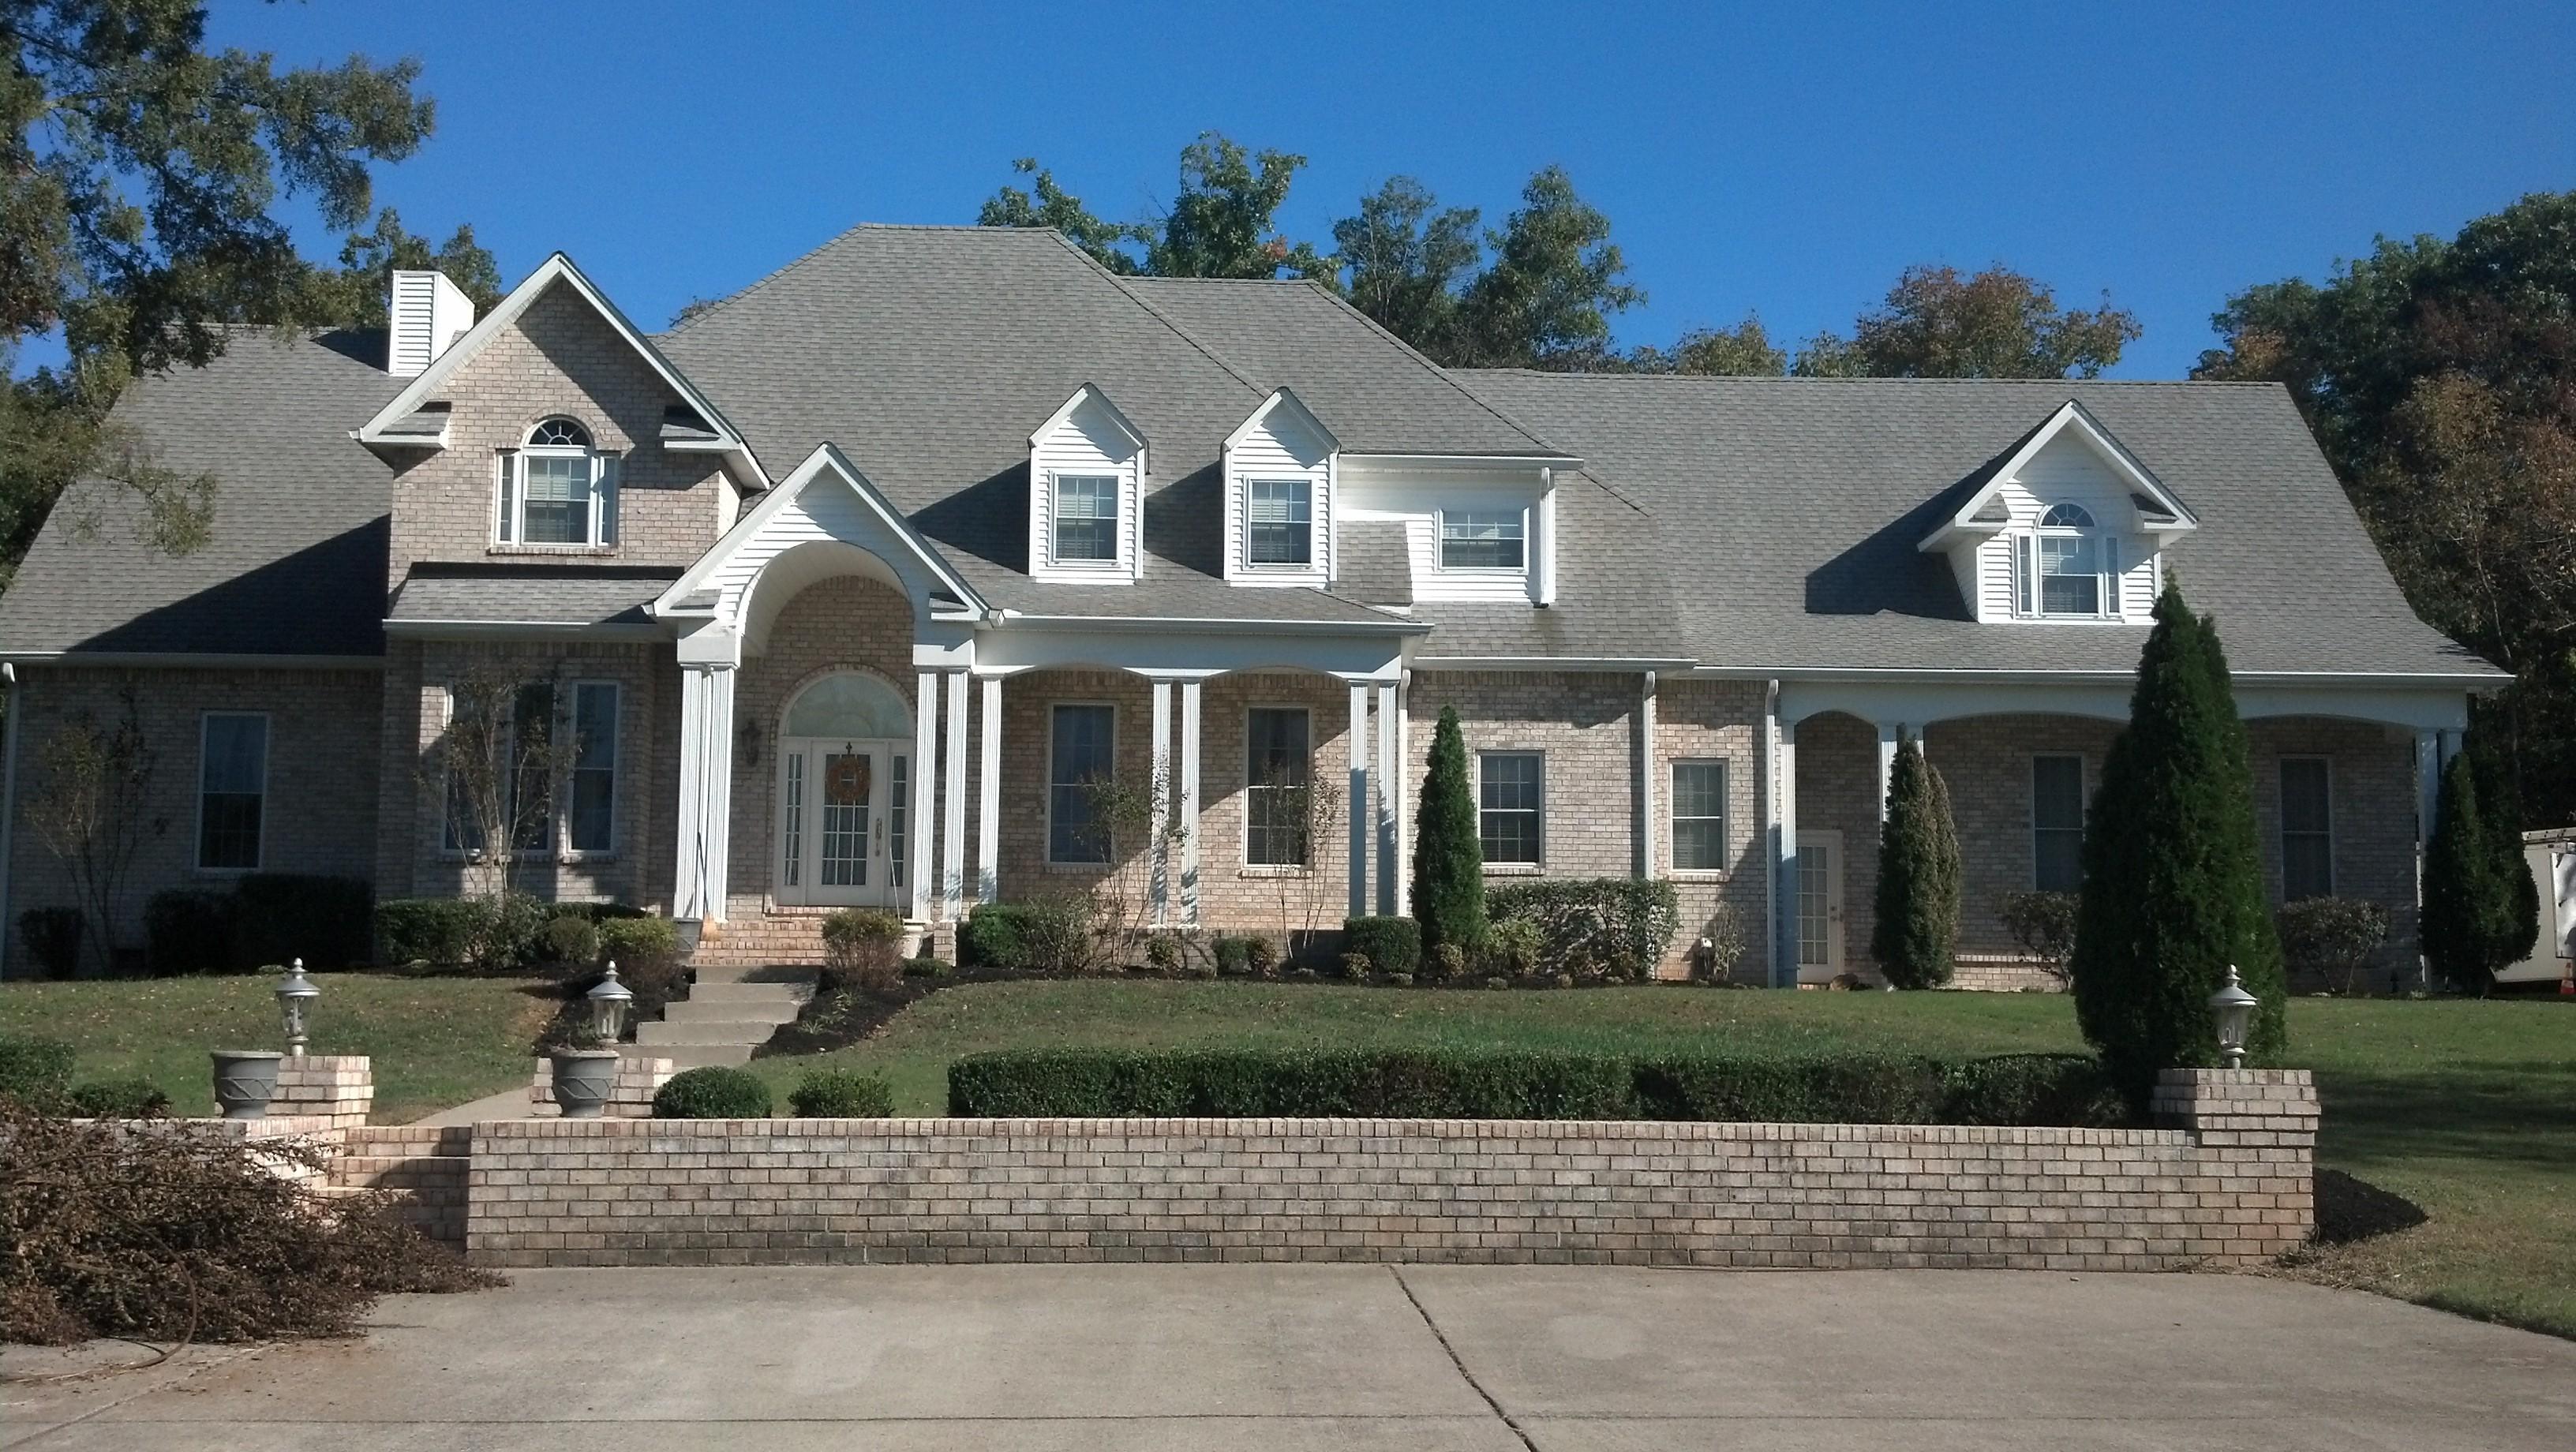 2012 10 10 15 20 51 481 Outdoor Prowash